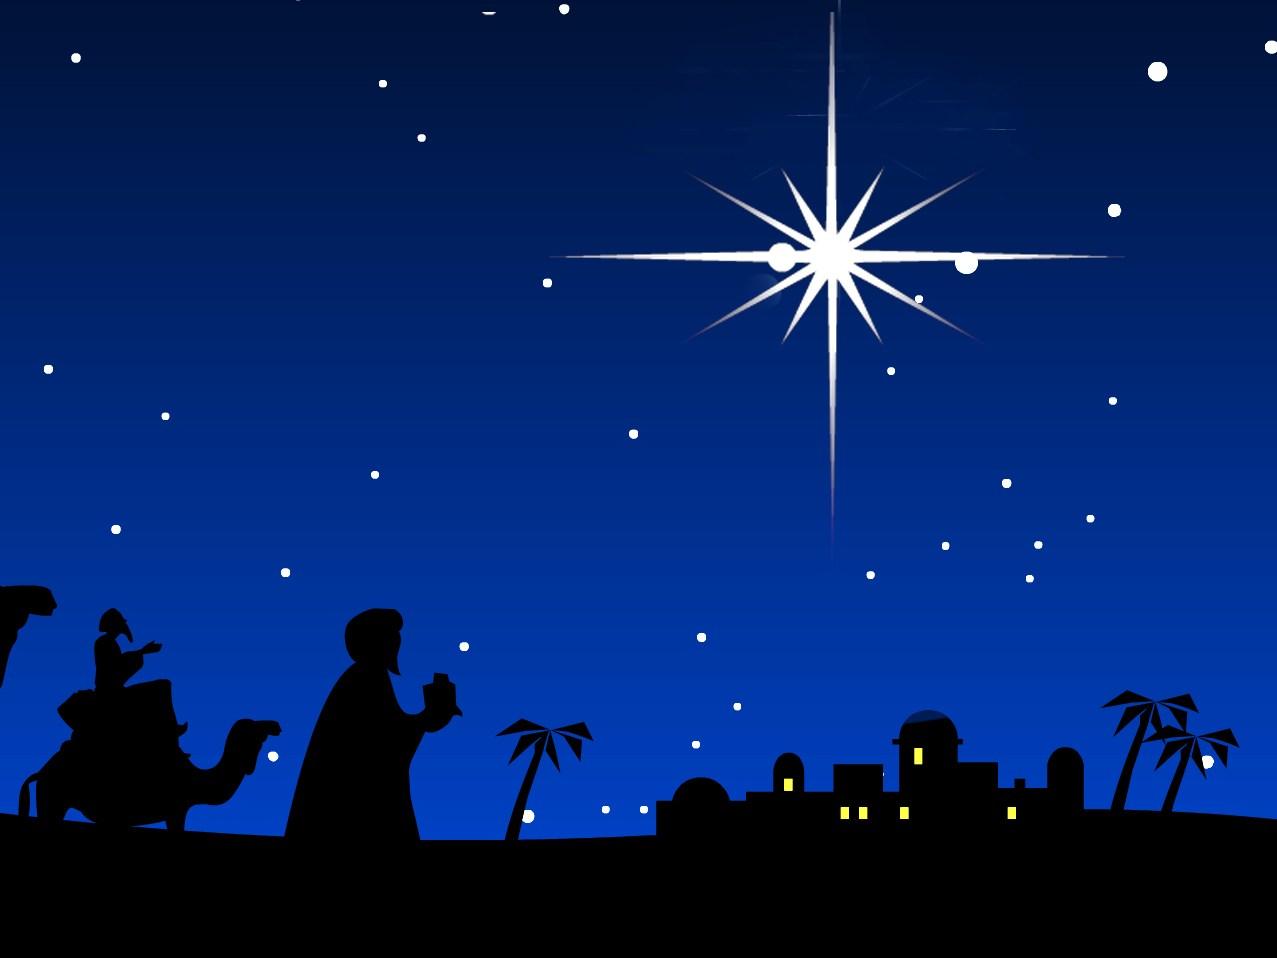 Bethlehem clipart guiding star, Picture #96781 bethlehem.